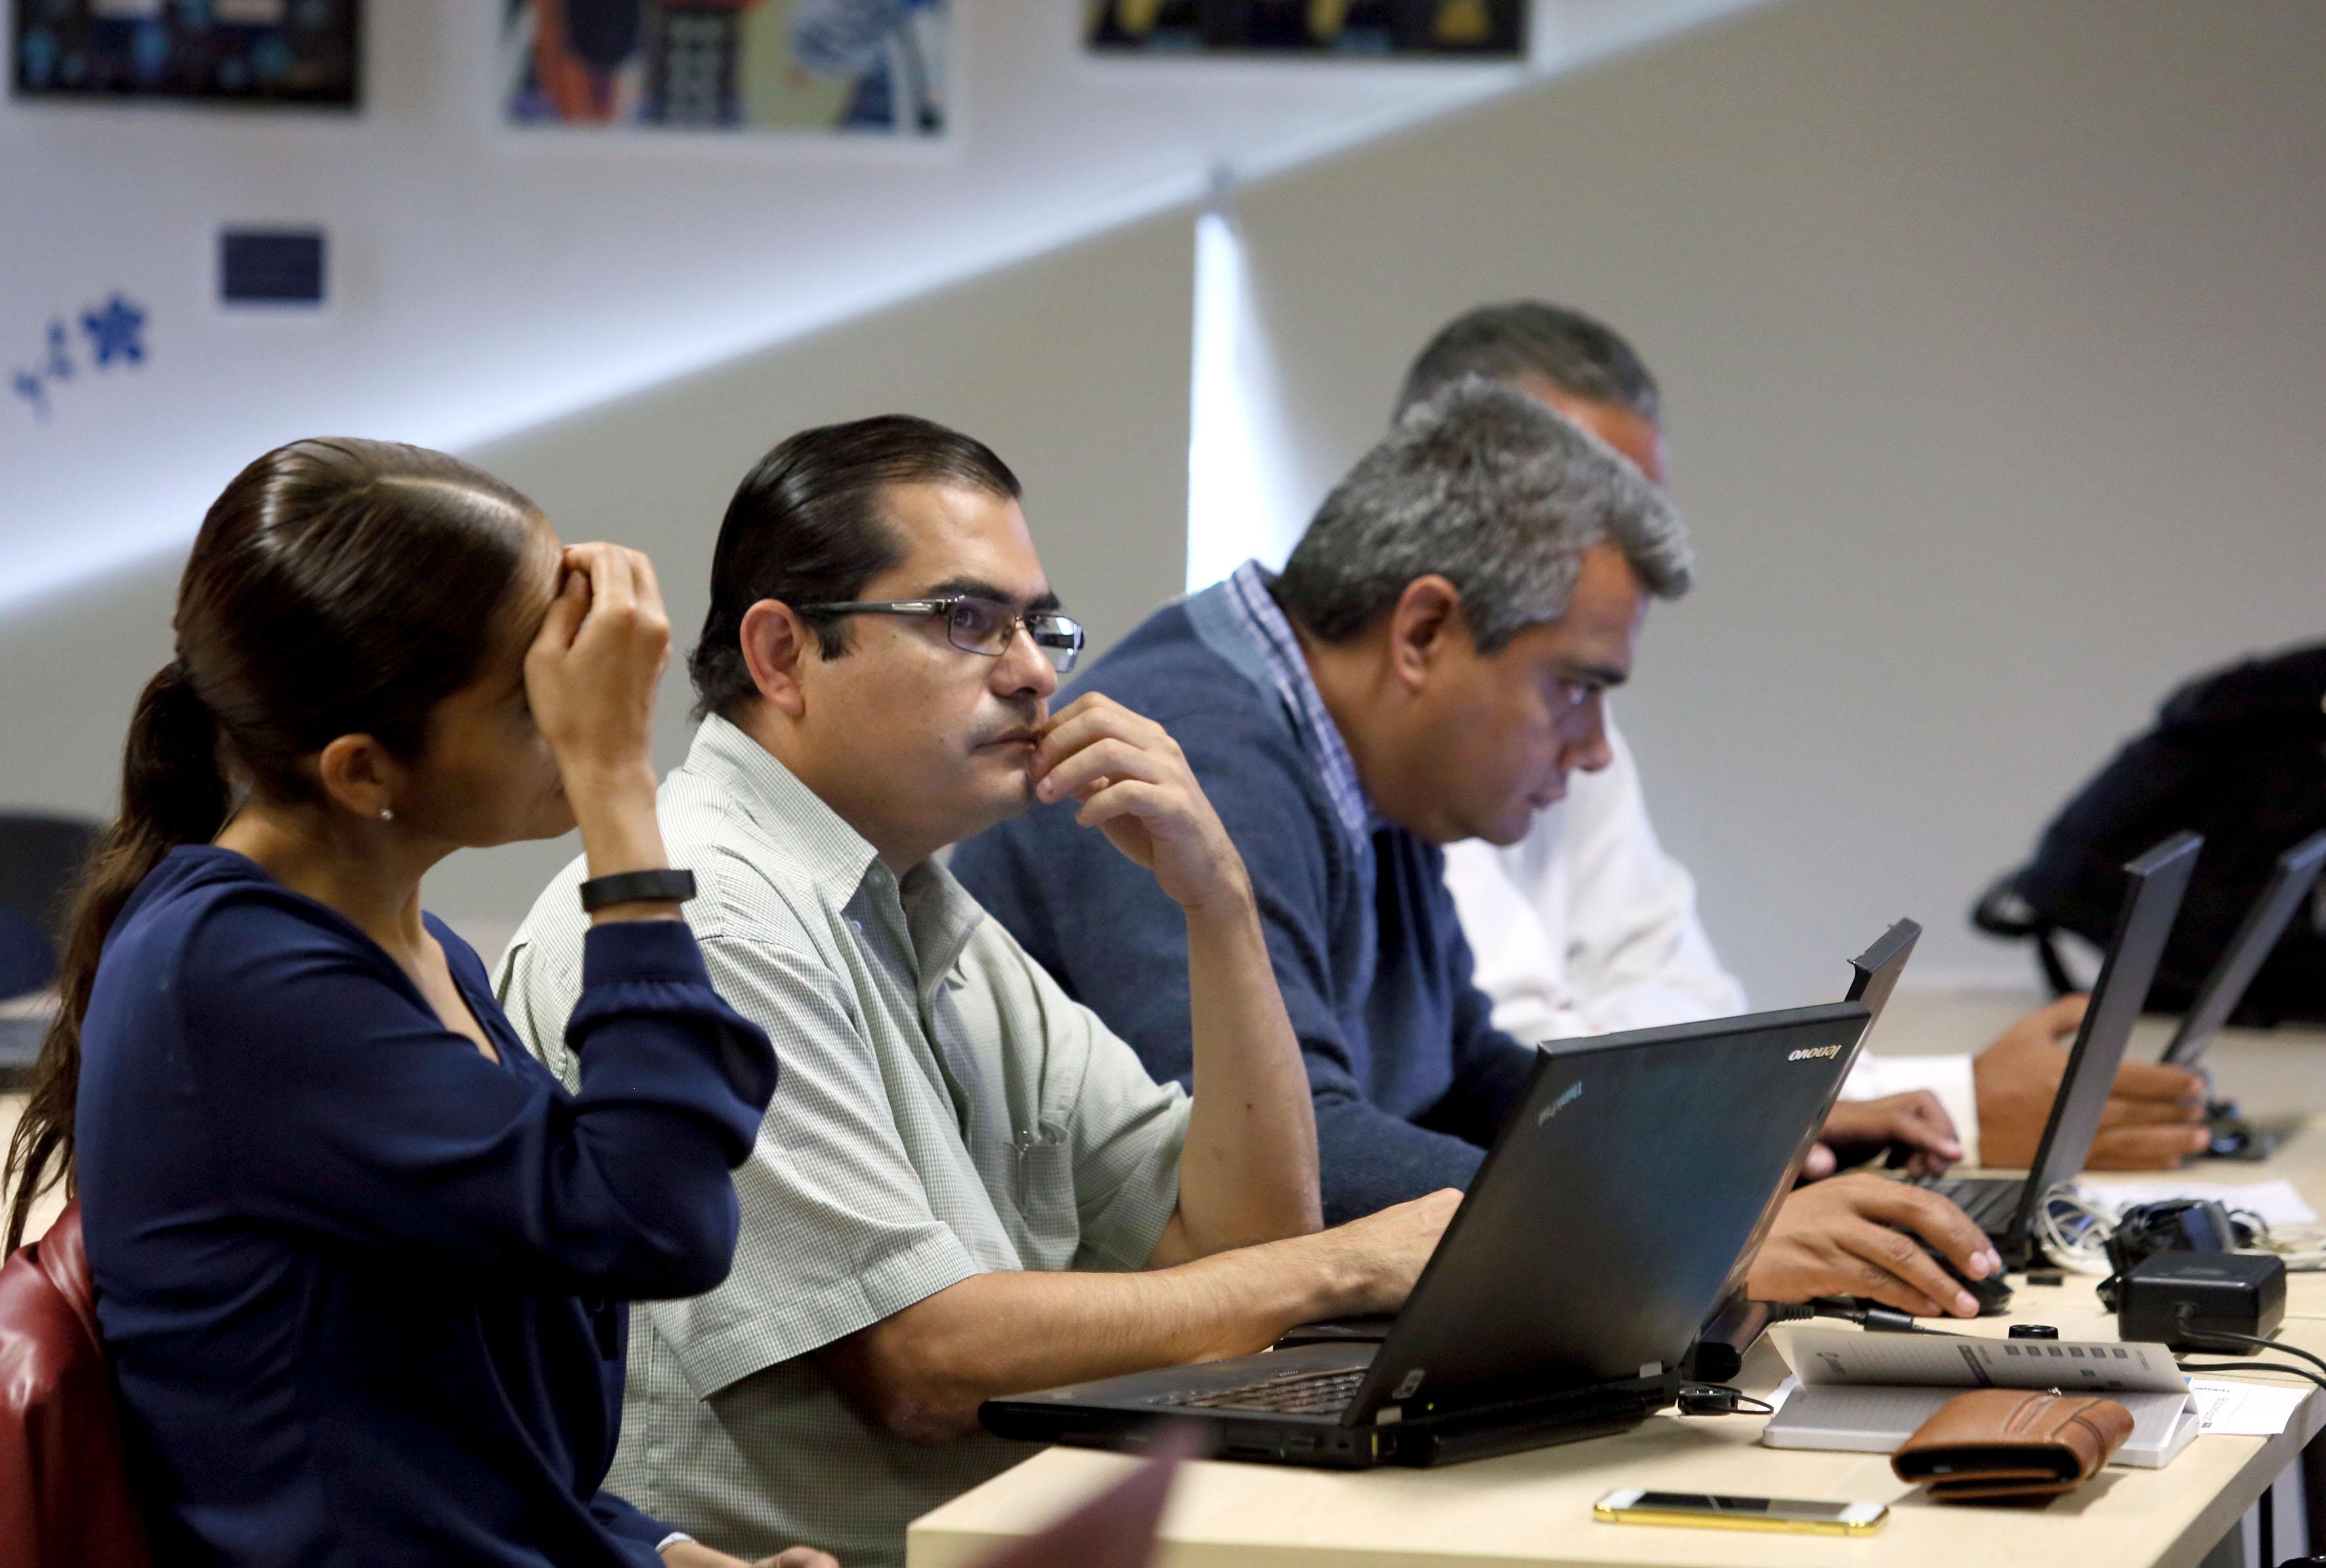 Profesores, investigadores y especialistas, atentos al curso sobre la exploración de datos